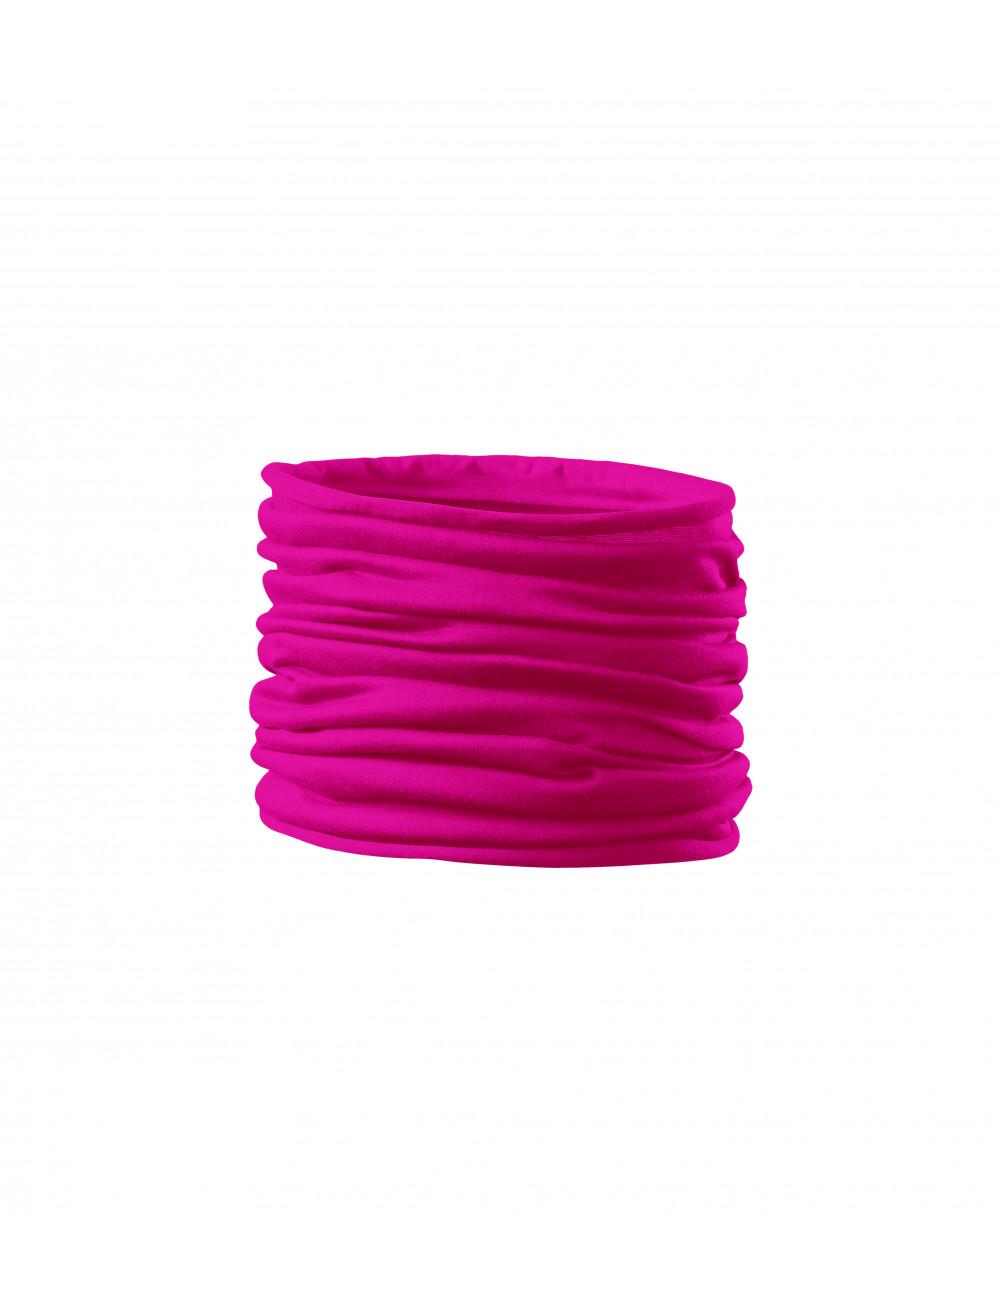 Adler MALFINI Scarf Unisex/Kids Twister 328 neon różowy